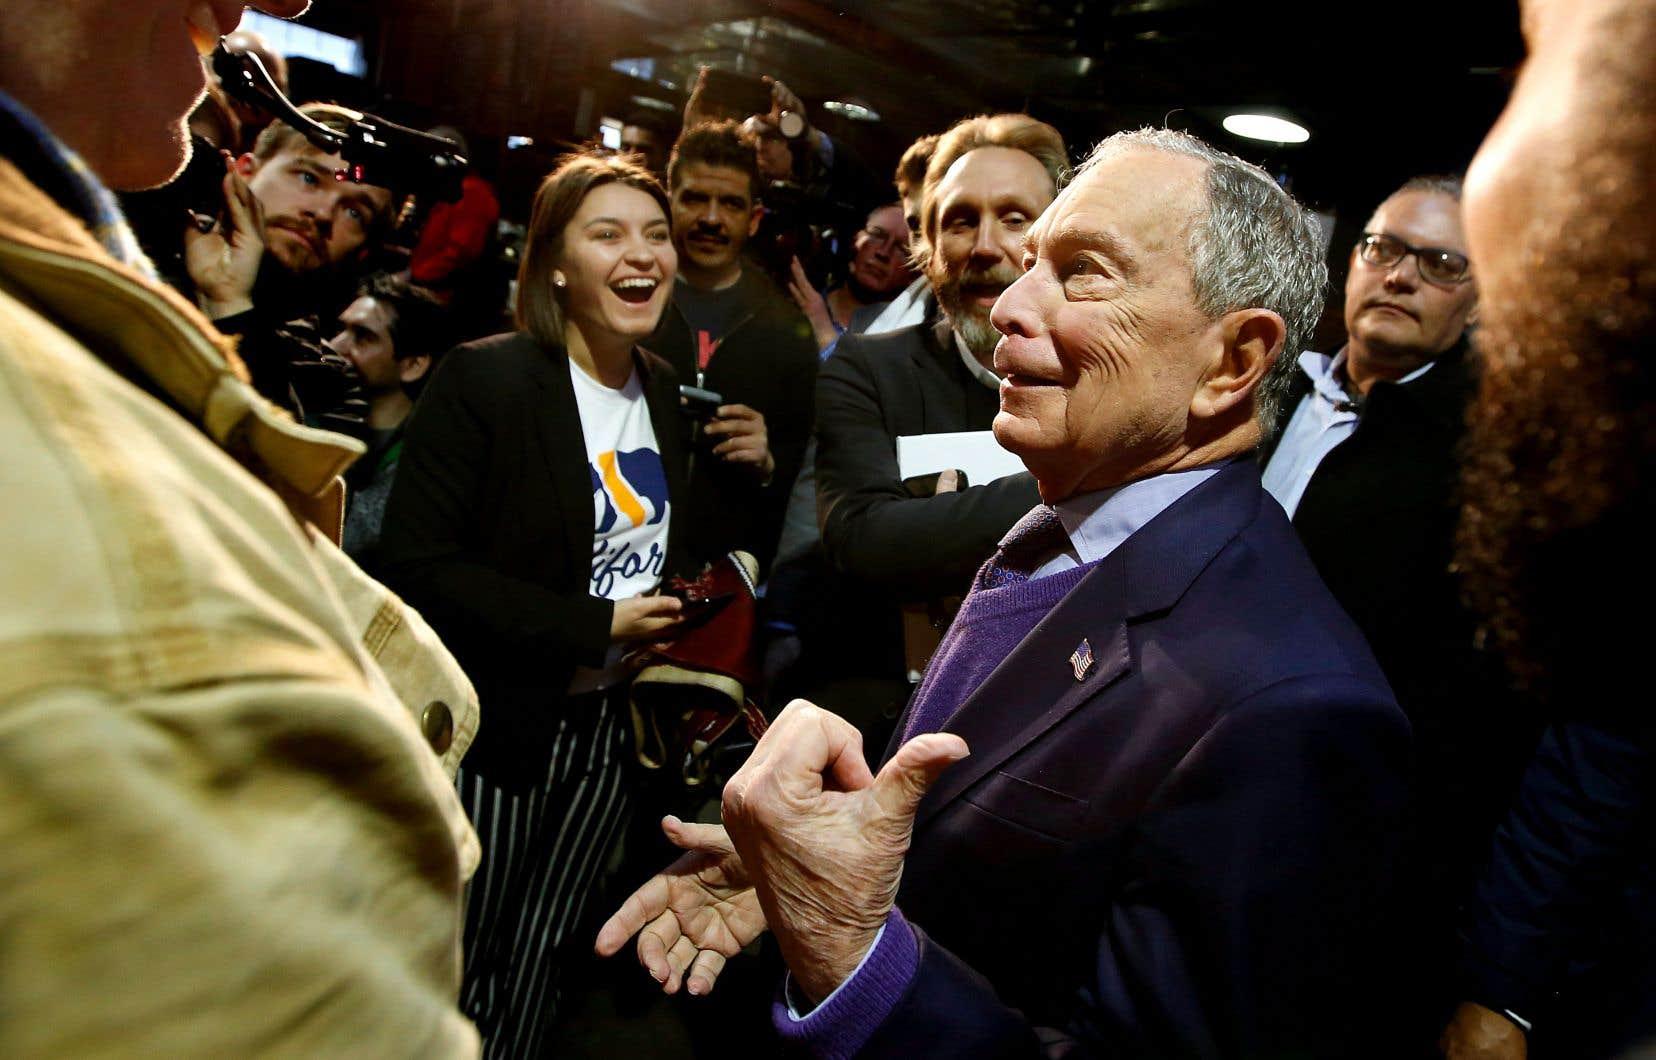 Pendant que ses adversaires démocrates se disputent les faveurs de l'Iowa, lundi, Michael Bloomberg faisait campagne à Sacramento, en Californie.